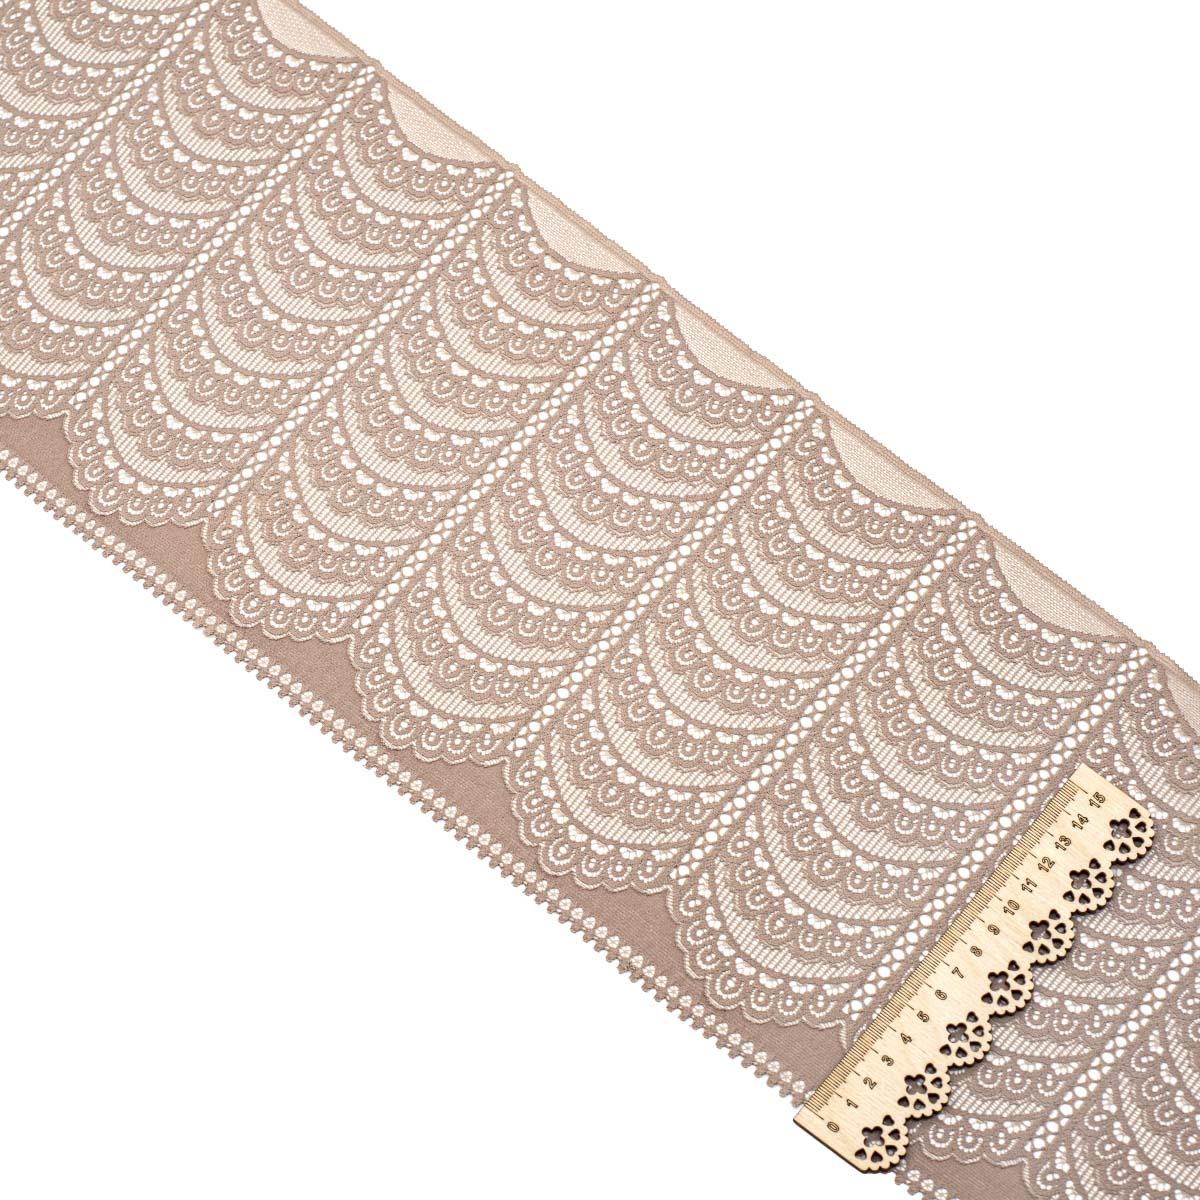 SU-19 Ткань эластичная бельевая 21,5 см*10 м, какао